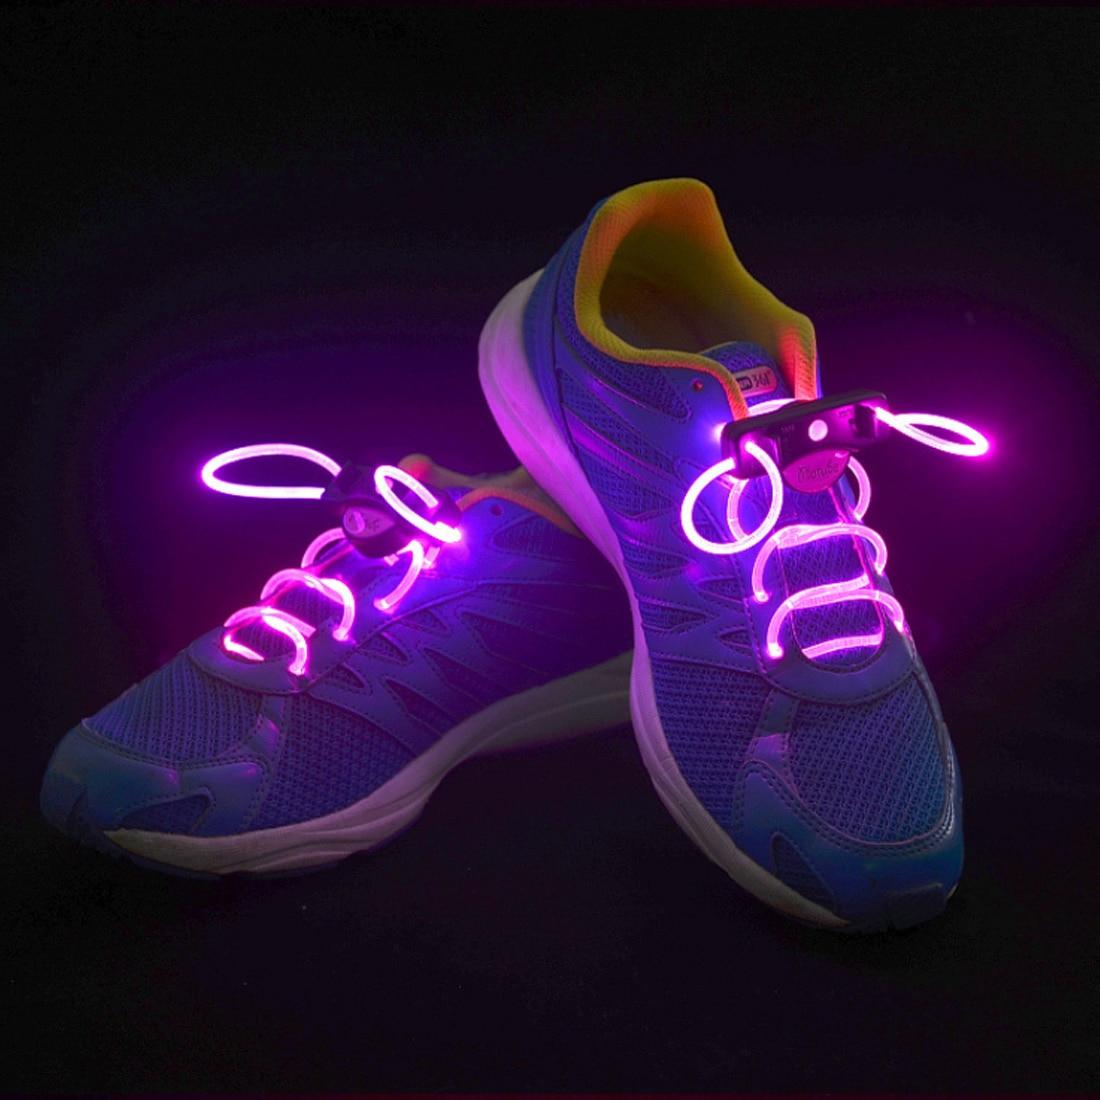 2pcs LED Shoelaces Shoe Laces Flashing Light Up Glow Stick Strap Neon Shoe Strings Luminous Laces Disco Party